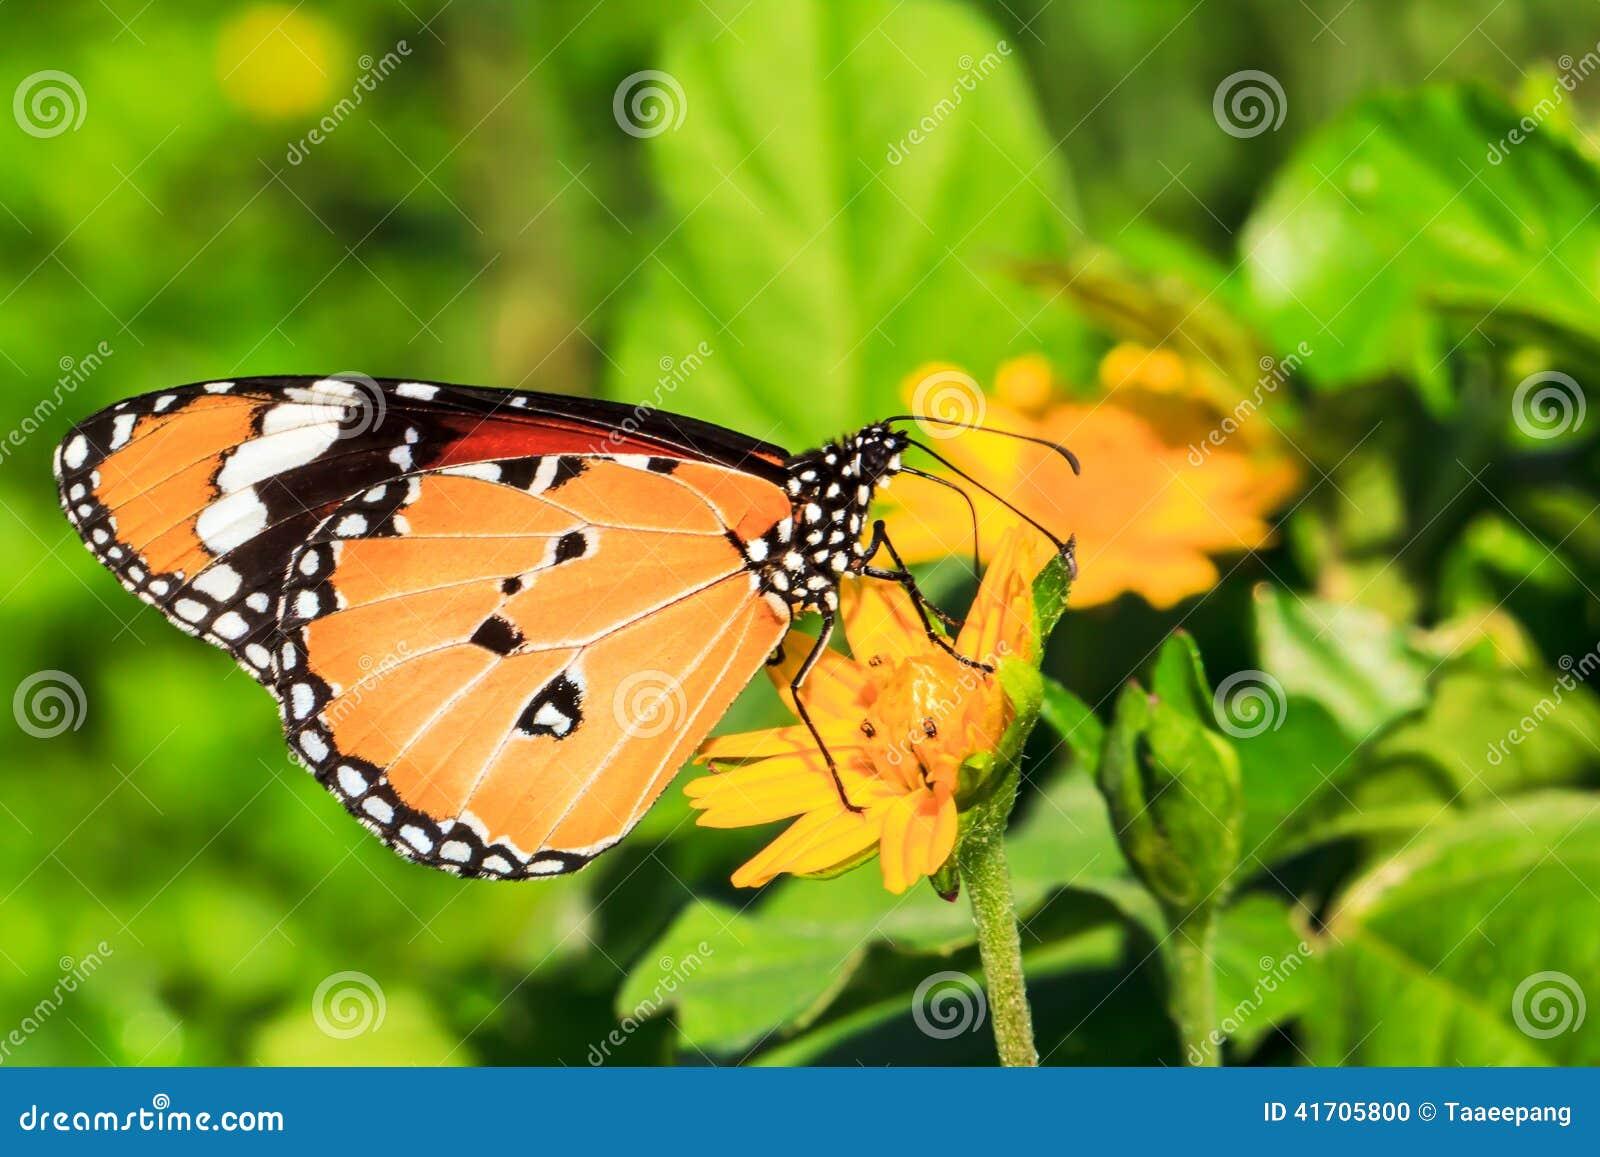 吮花蜜的蝴蝶从花自然地关闭.